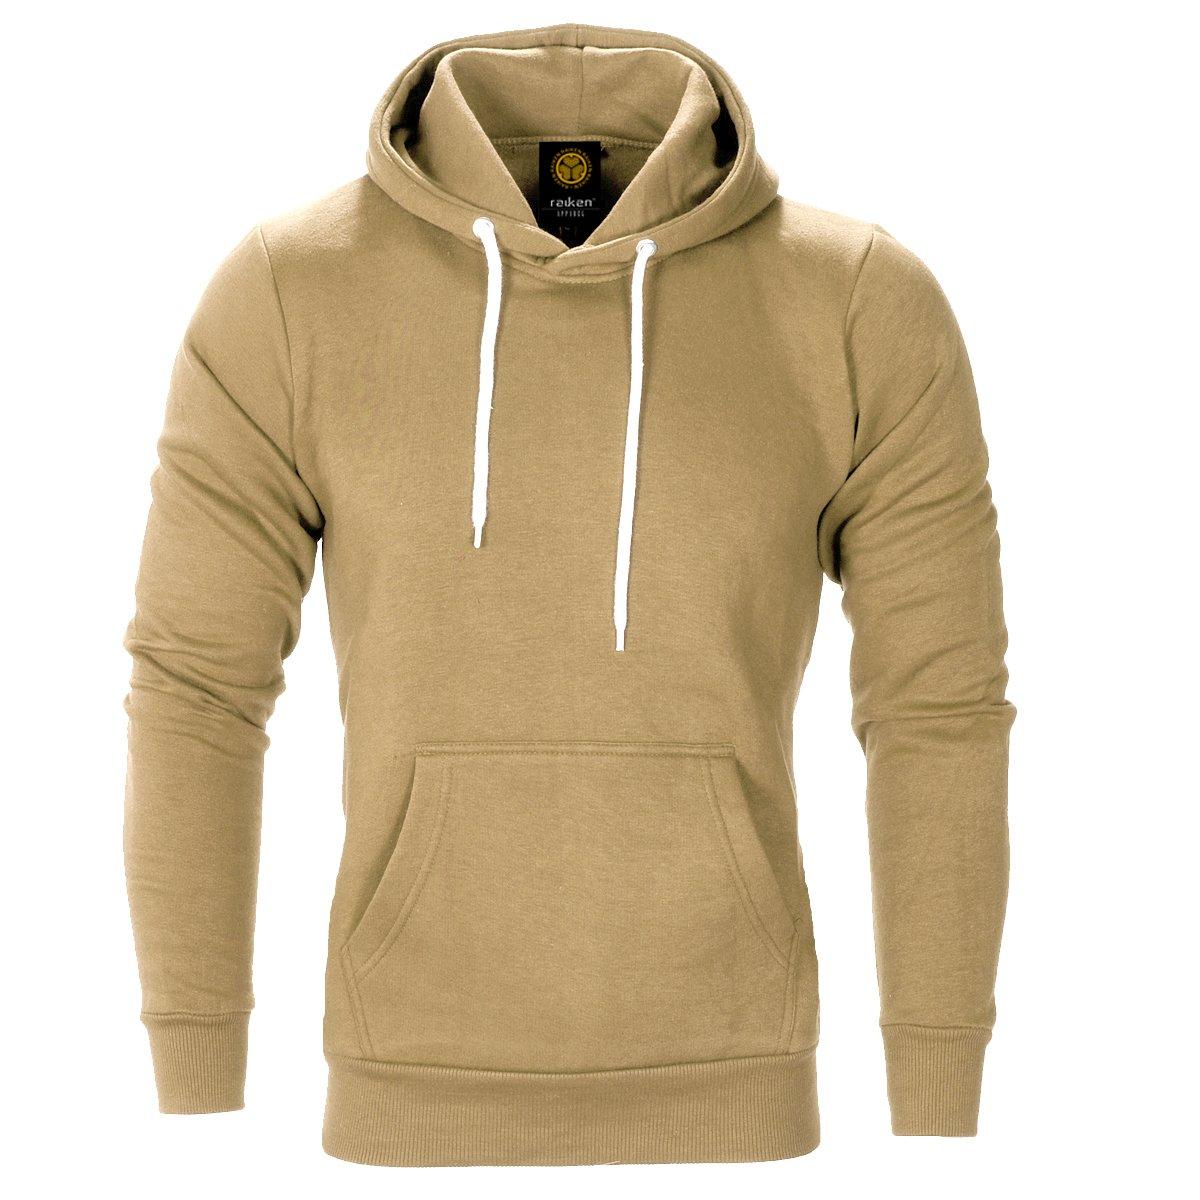 Raiken® Apparel Flex Fleece Pullover Hoody